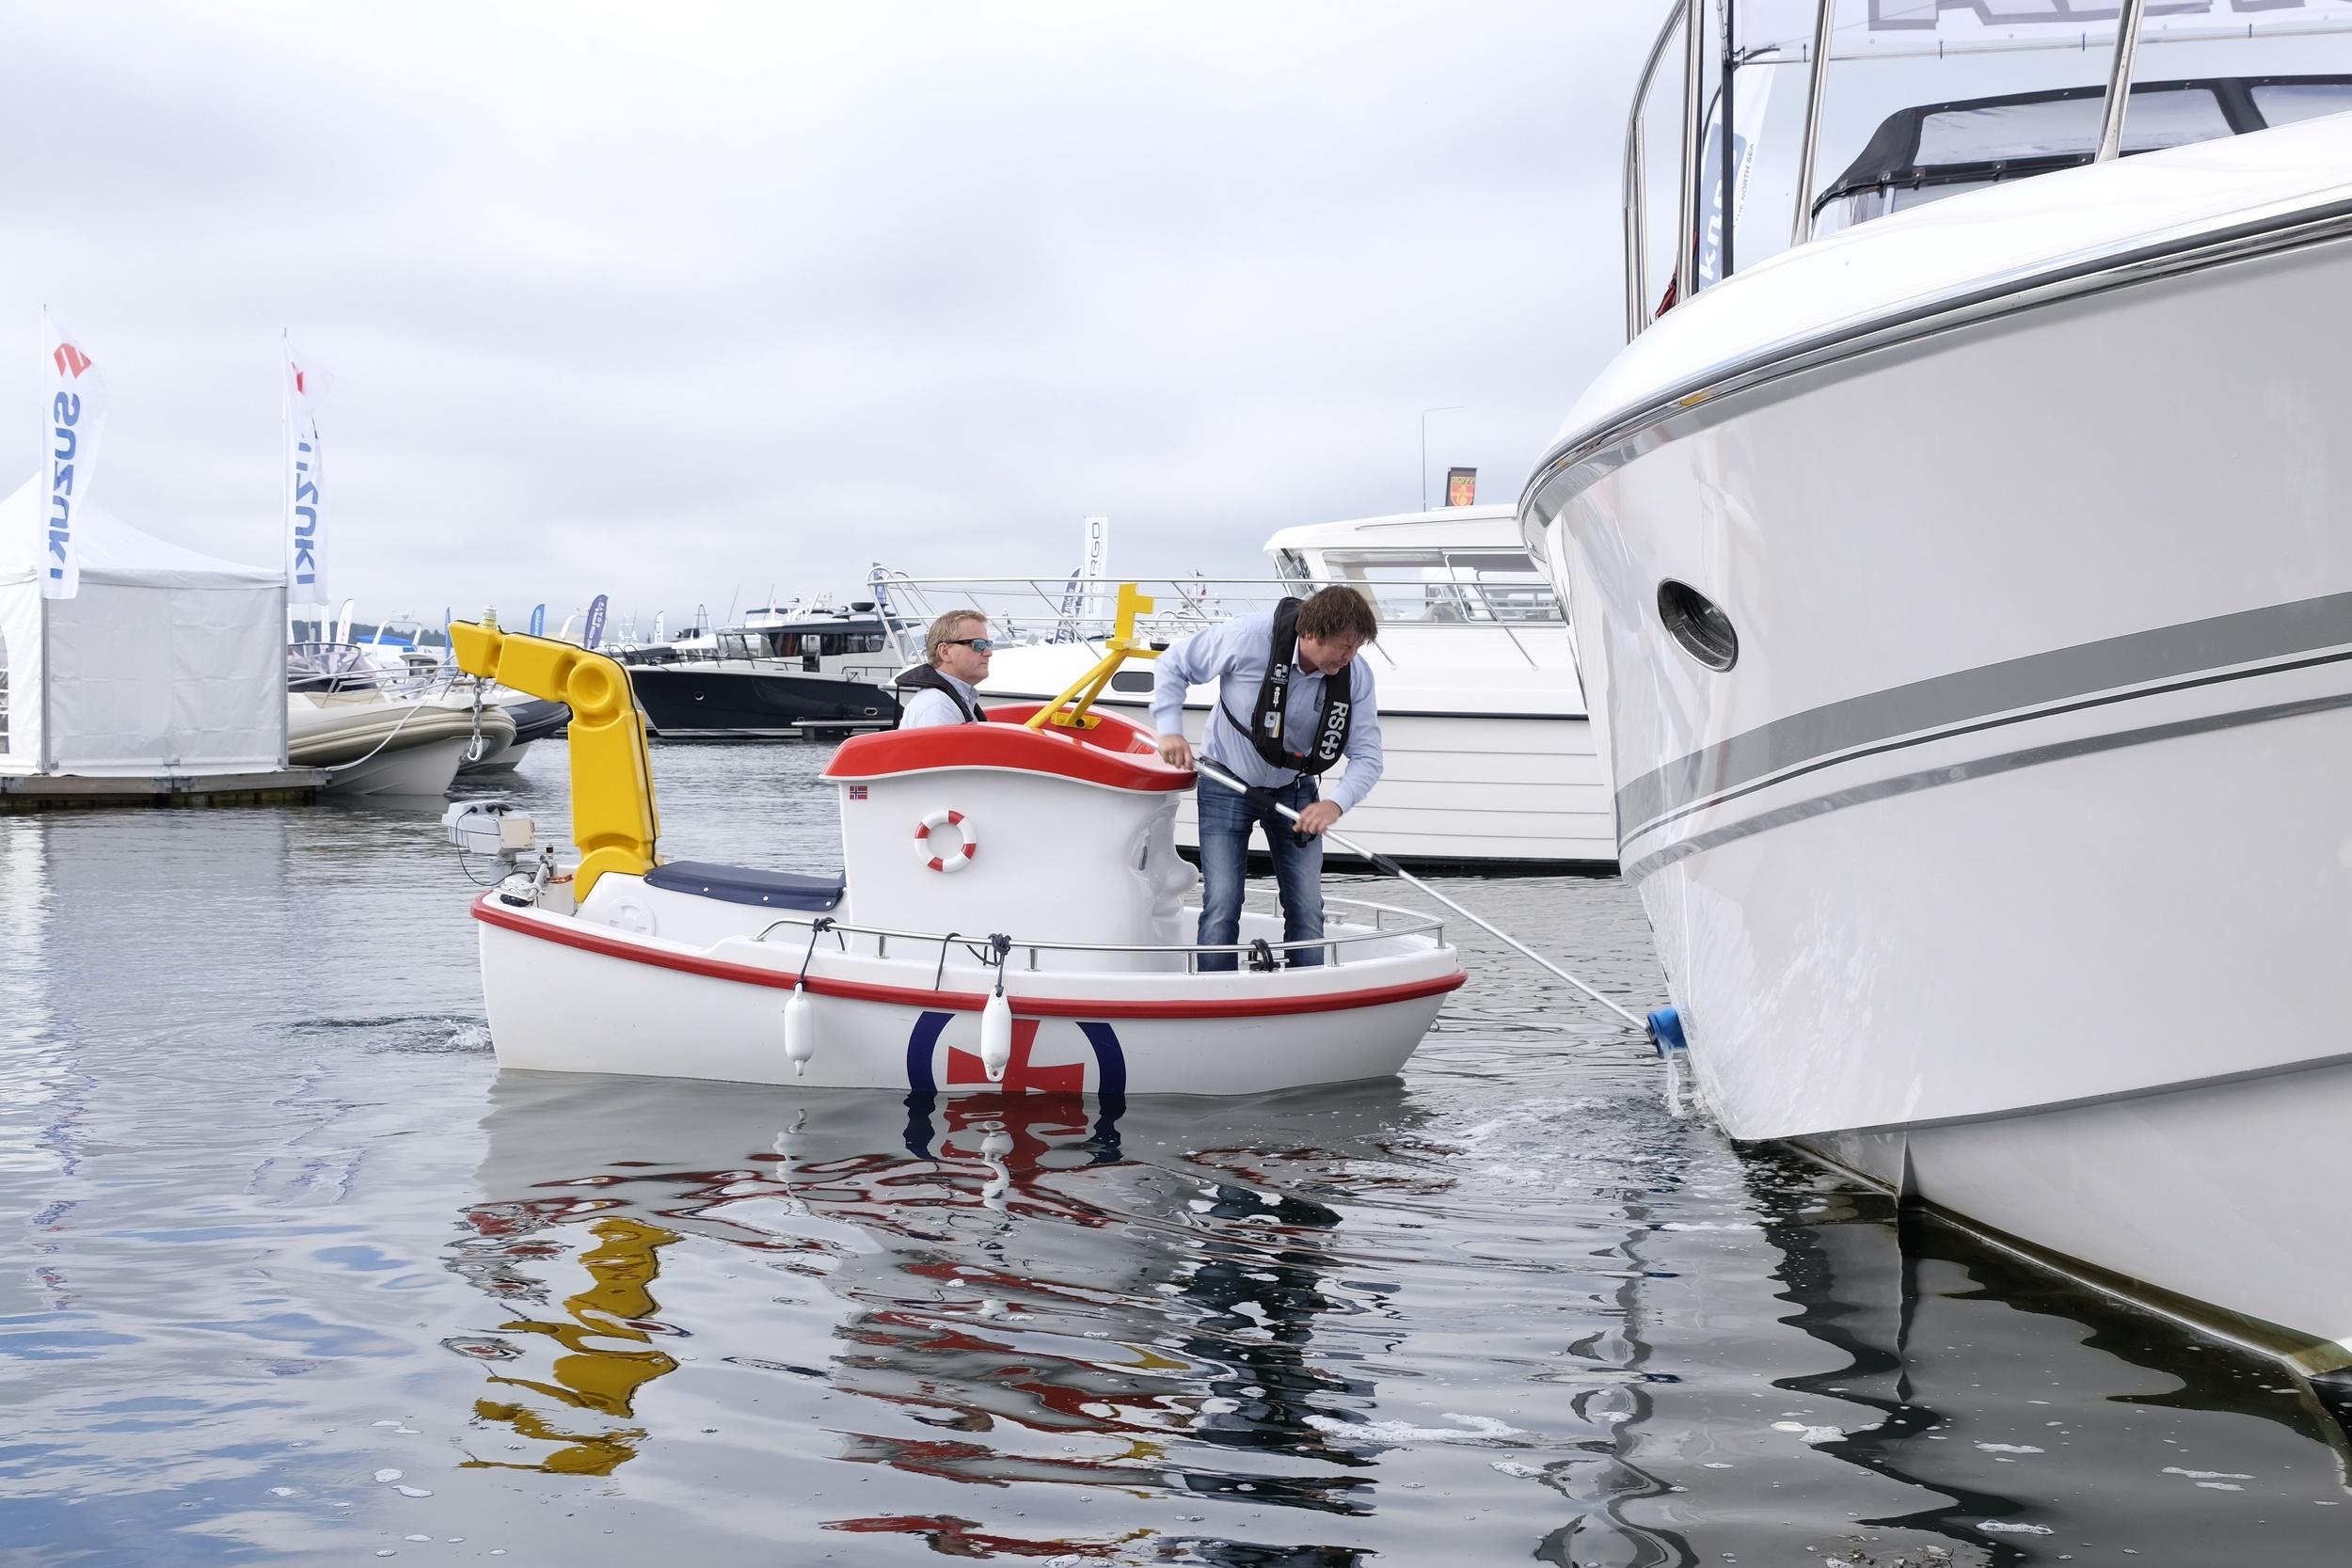 Oslo boat show